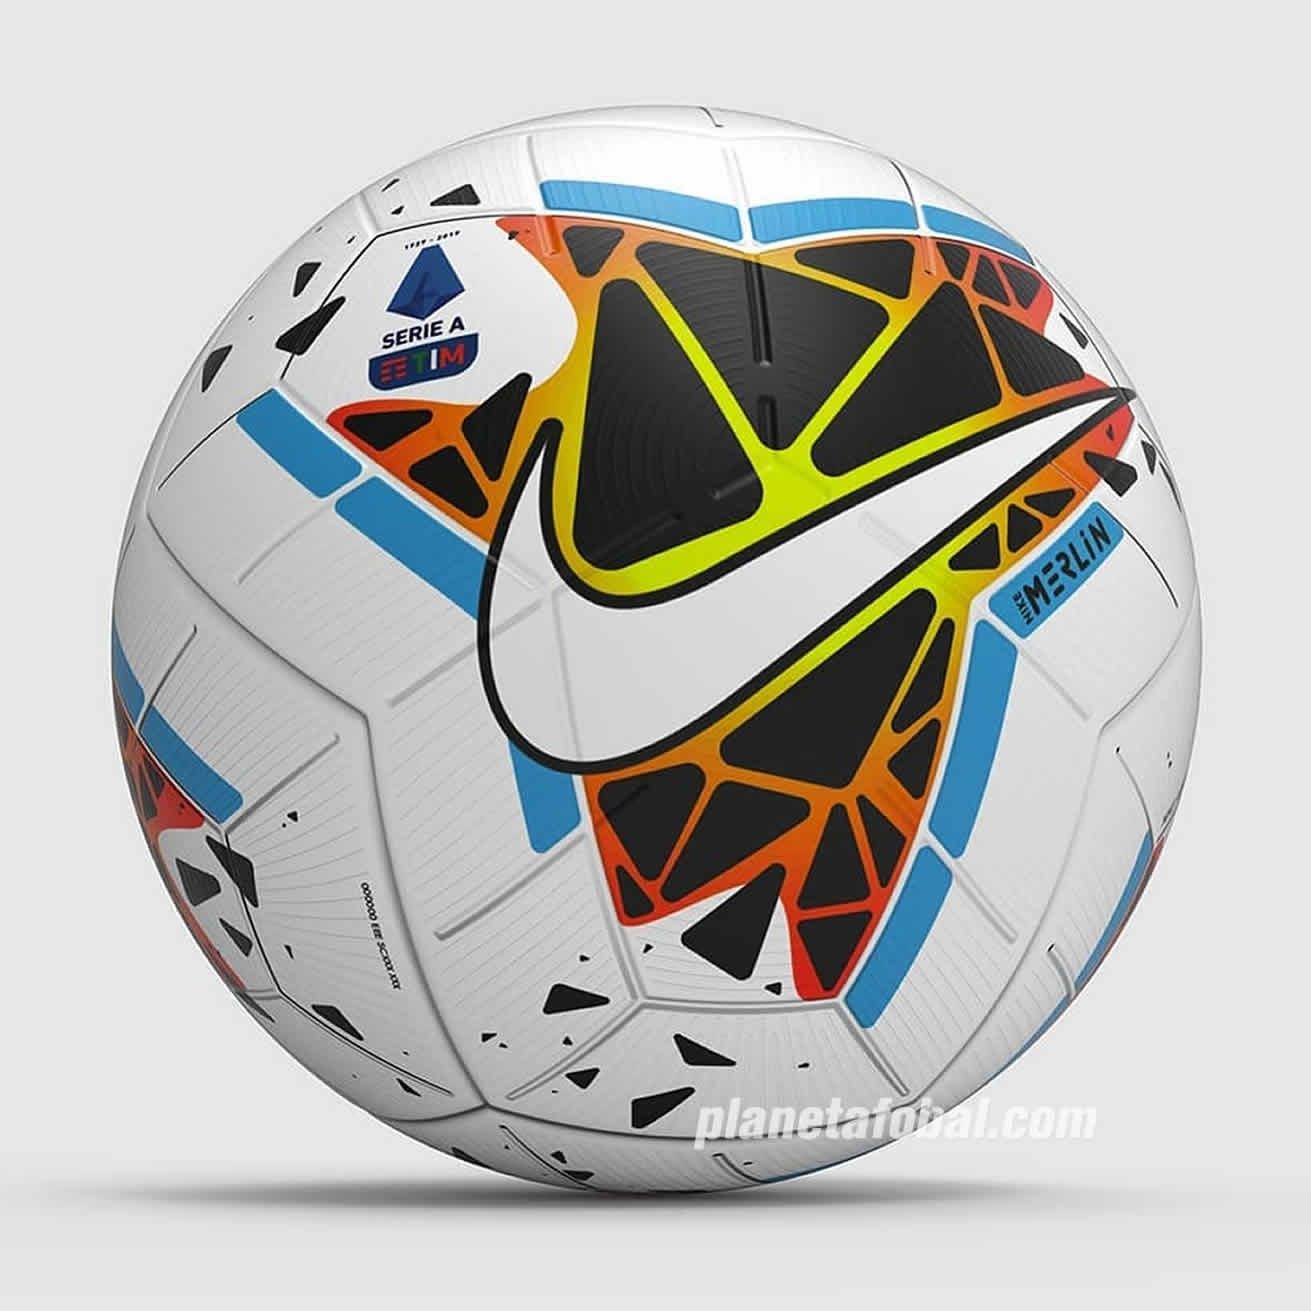 Balón Nike Merlin Serie A 2019/2020 | Imagen Web Oficial